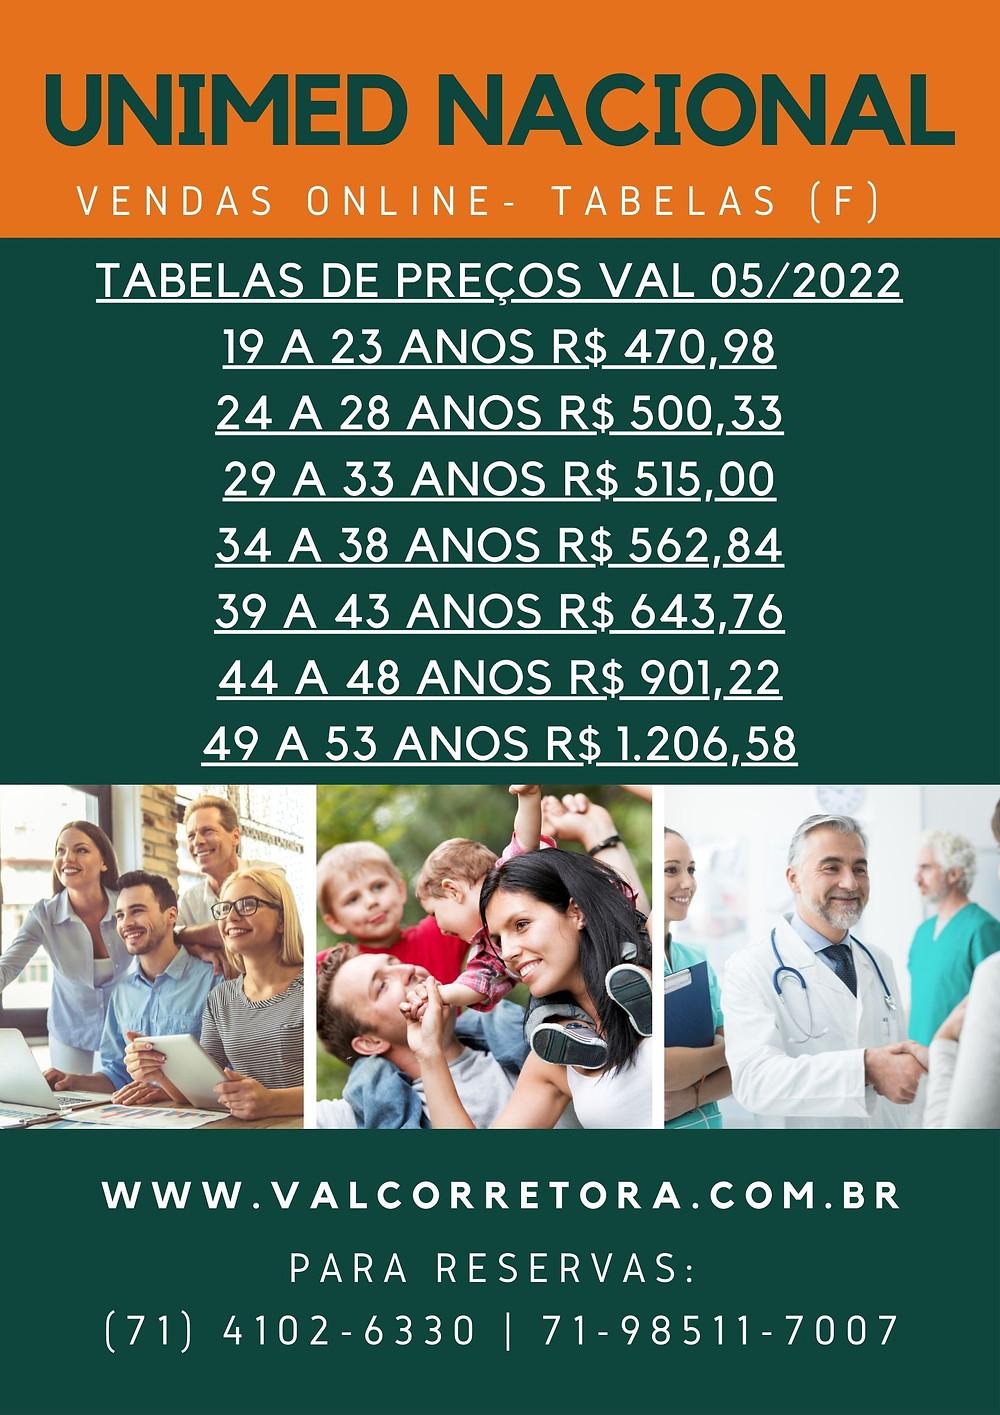 Plano de Saude em Salvador - Tabelas de Preços Unimed Central Nacional